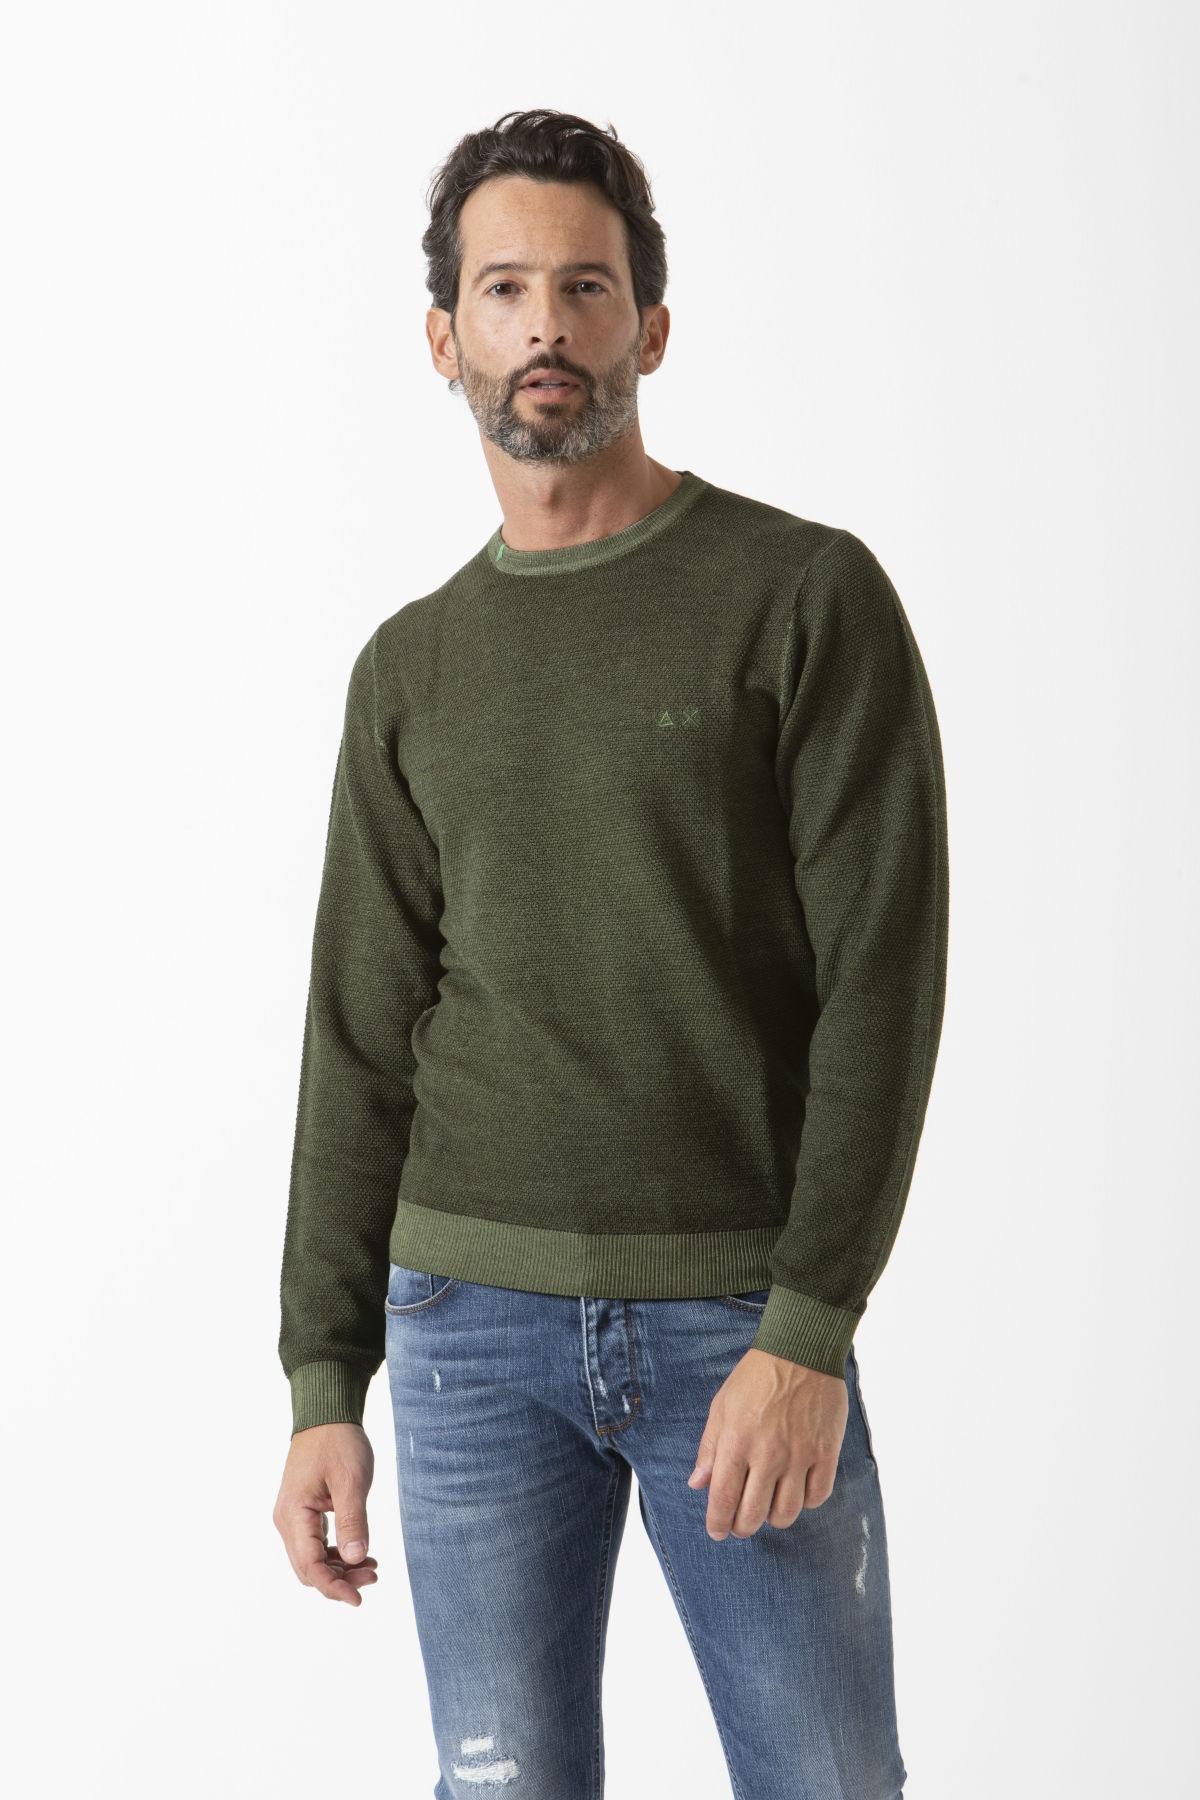 Pullover per uomo SUN68 A/I 19-20